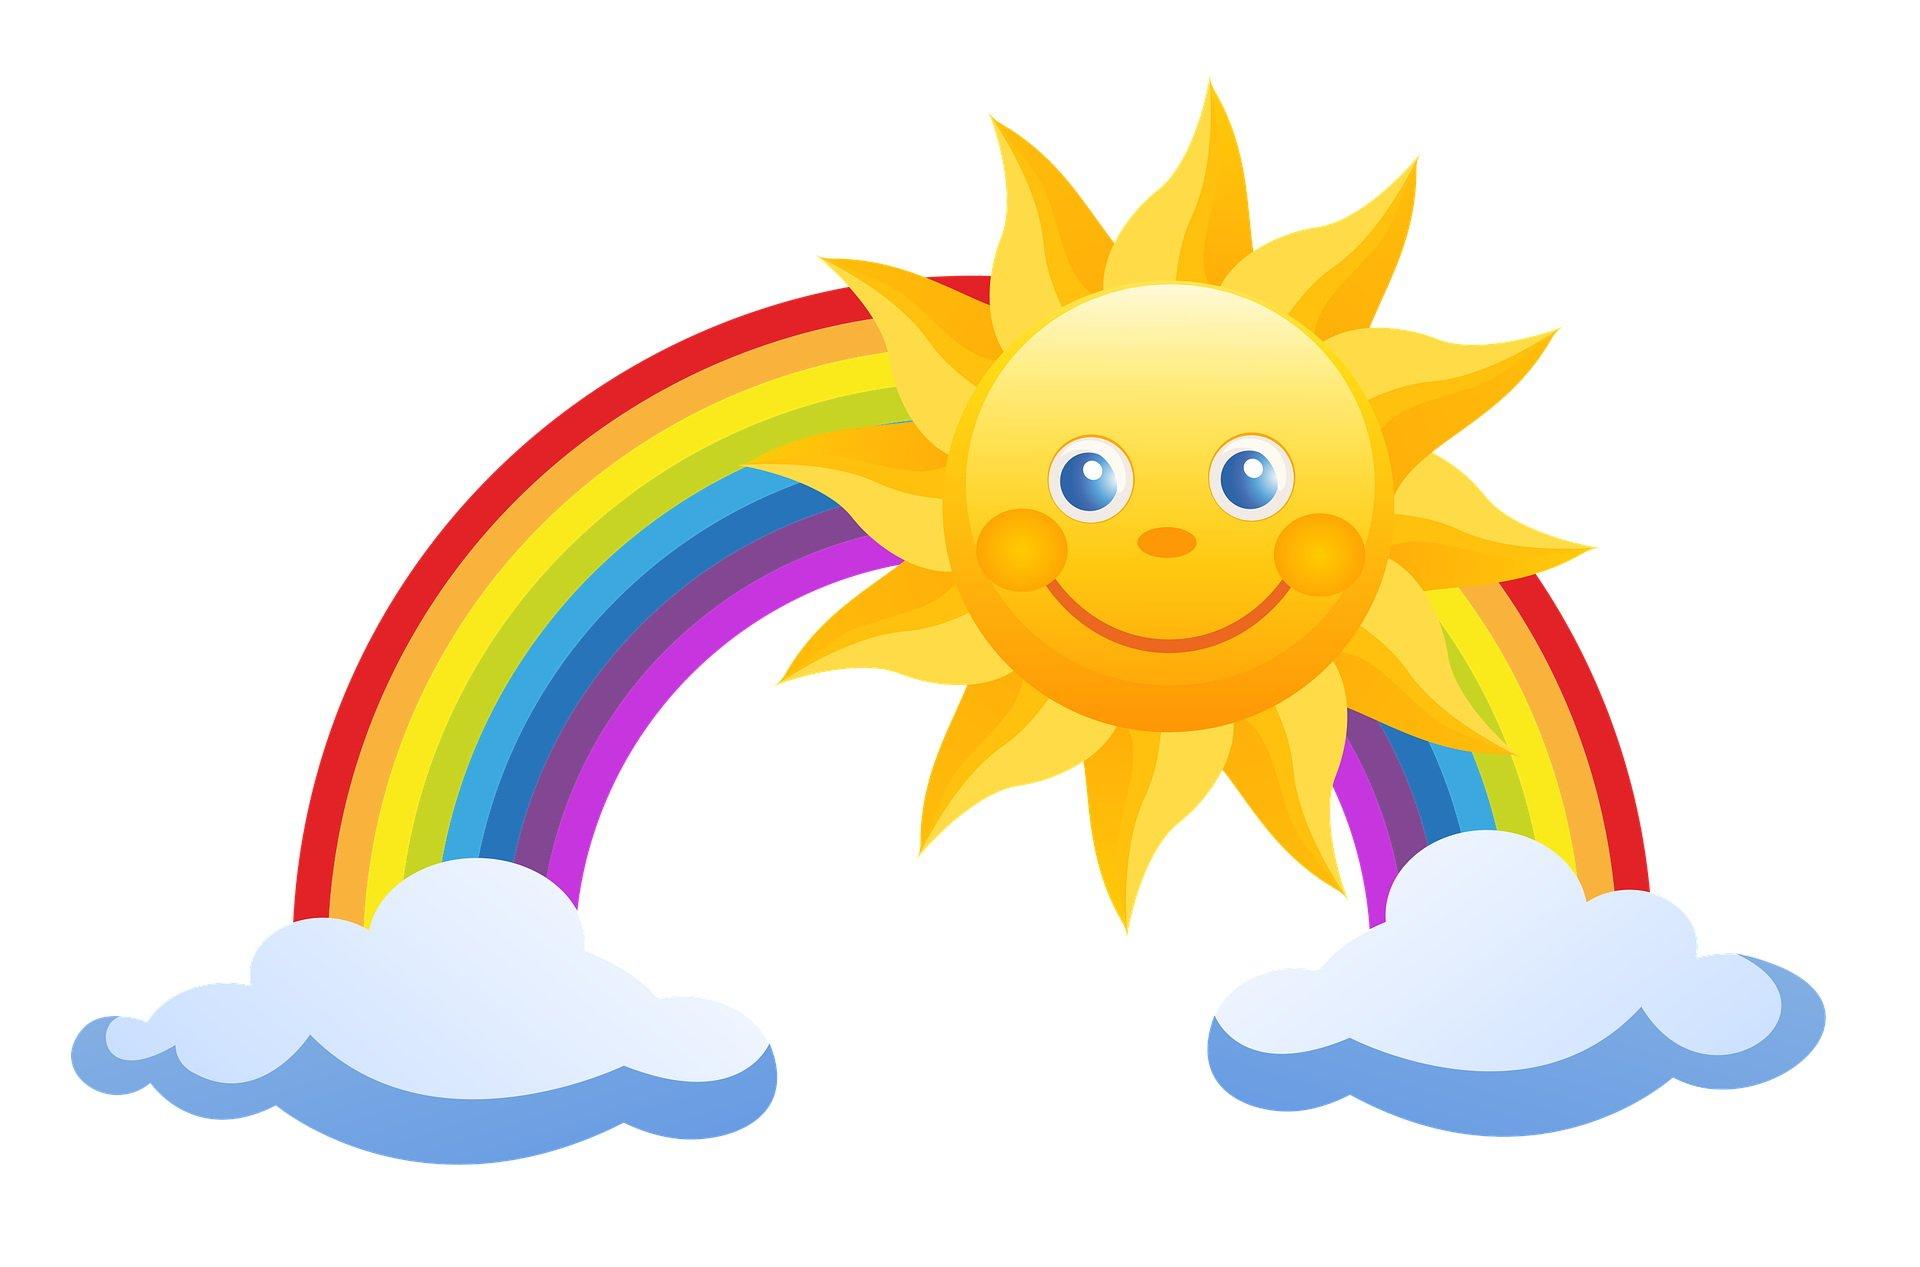 Słoneczko bajka dla dzieci do czytania